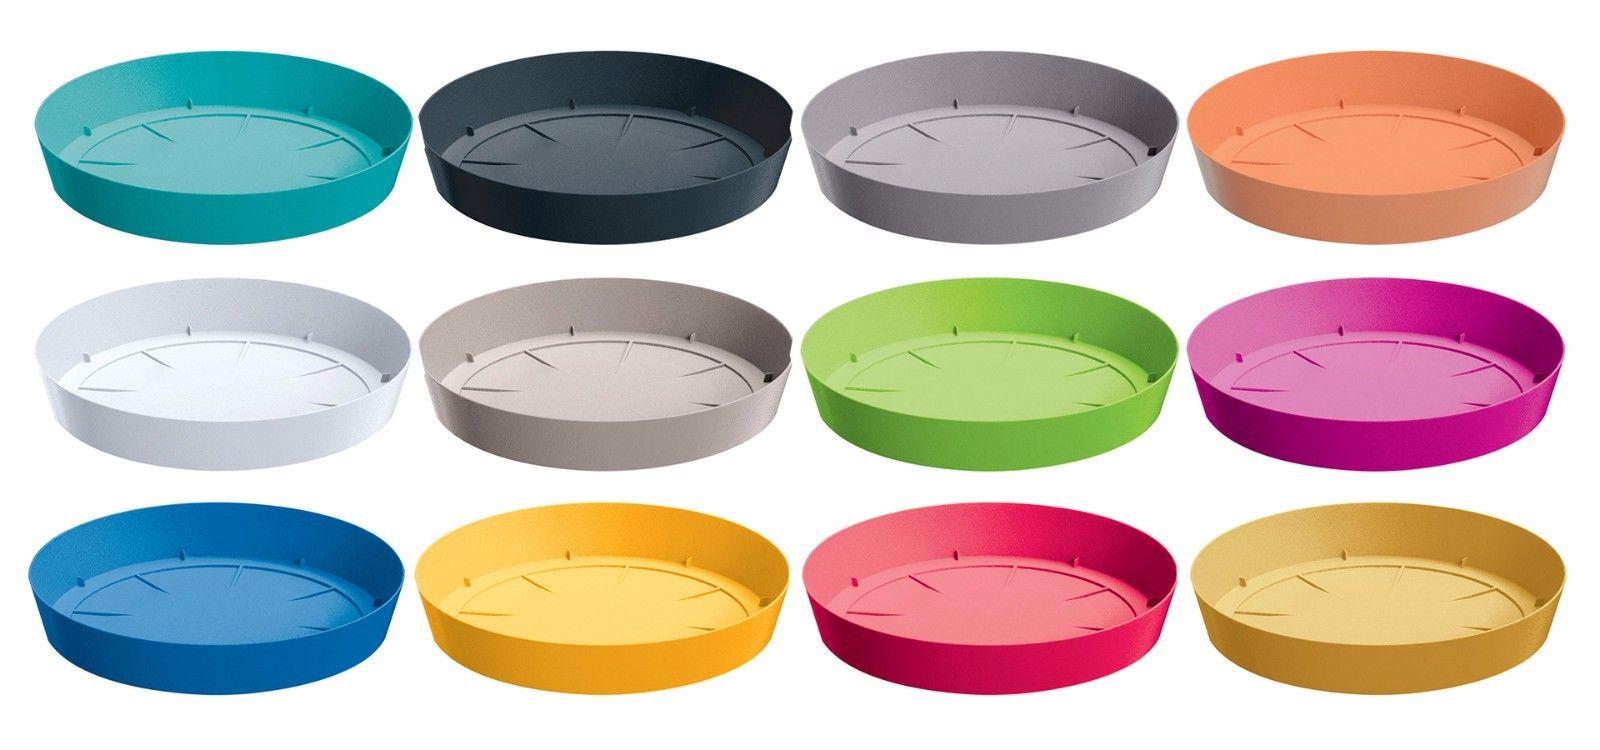 hochwertiges induktion keramik kochtopfset kocht pfe kochtopf pfanne t pfe ebay. Black Bedroom Furniture Sets. Home Design Ideas